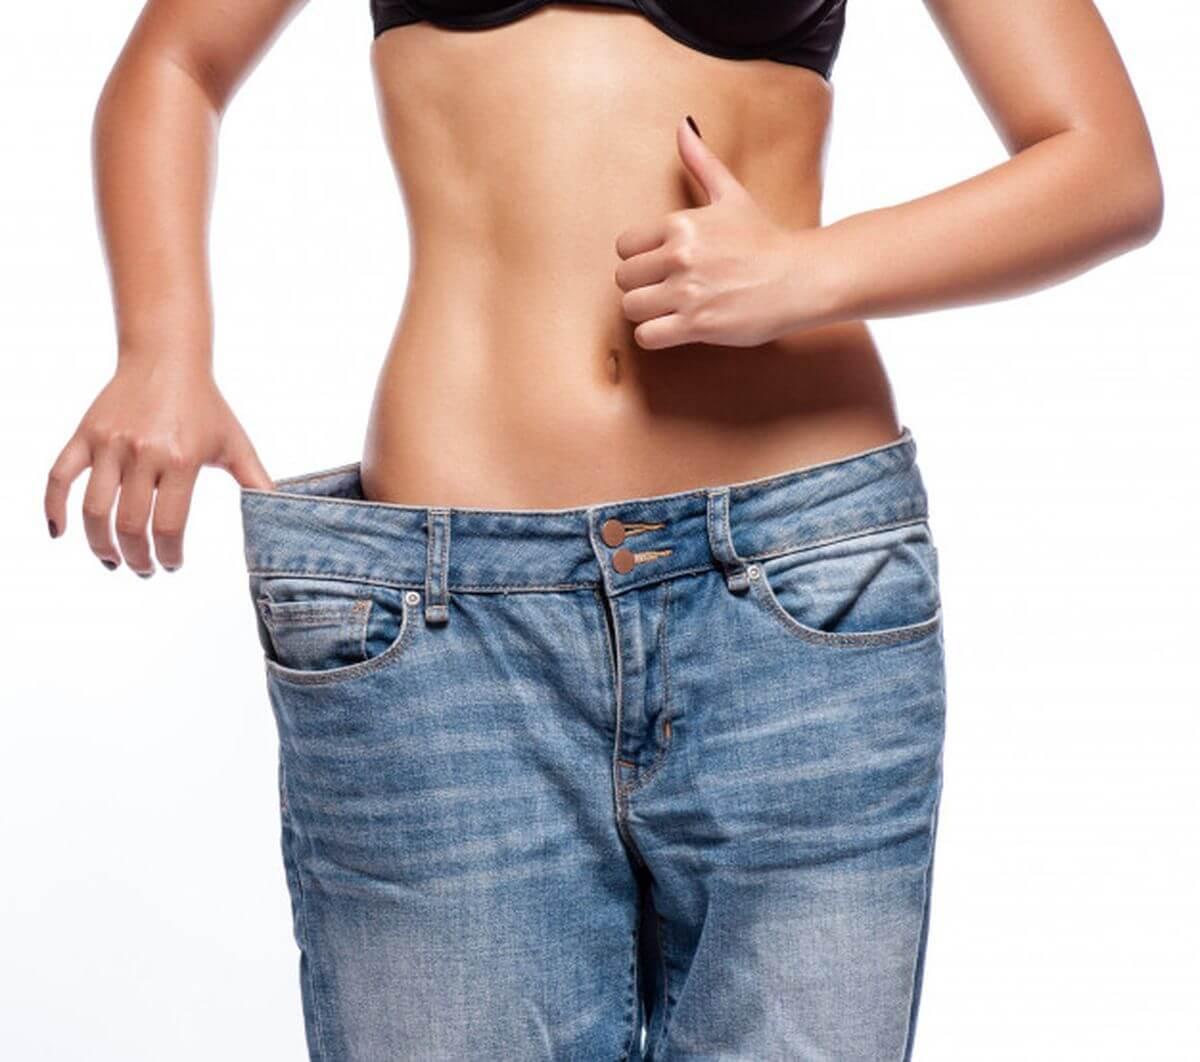 Дієта «Акторська» — супершвидкий метод скинути вагу: до 7 кг за тиждень